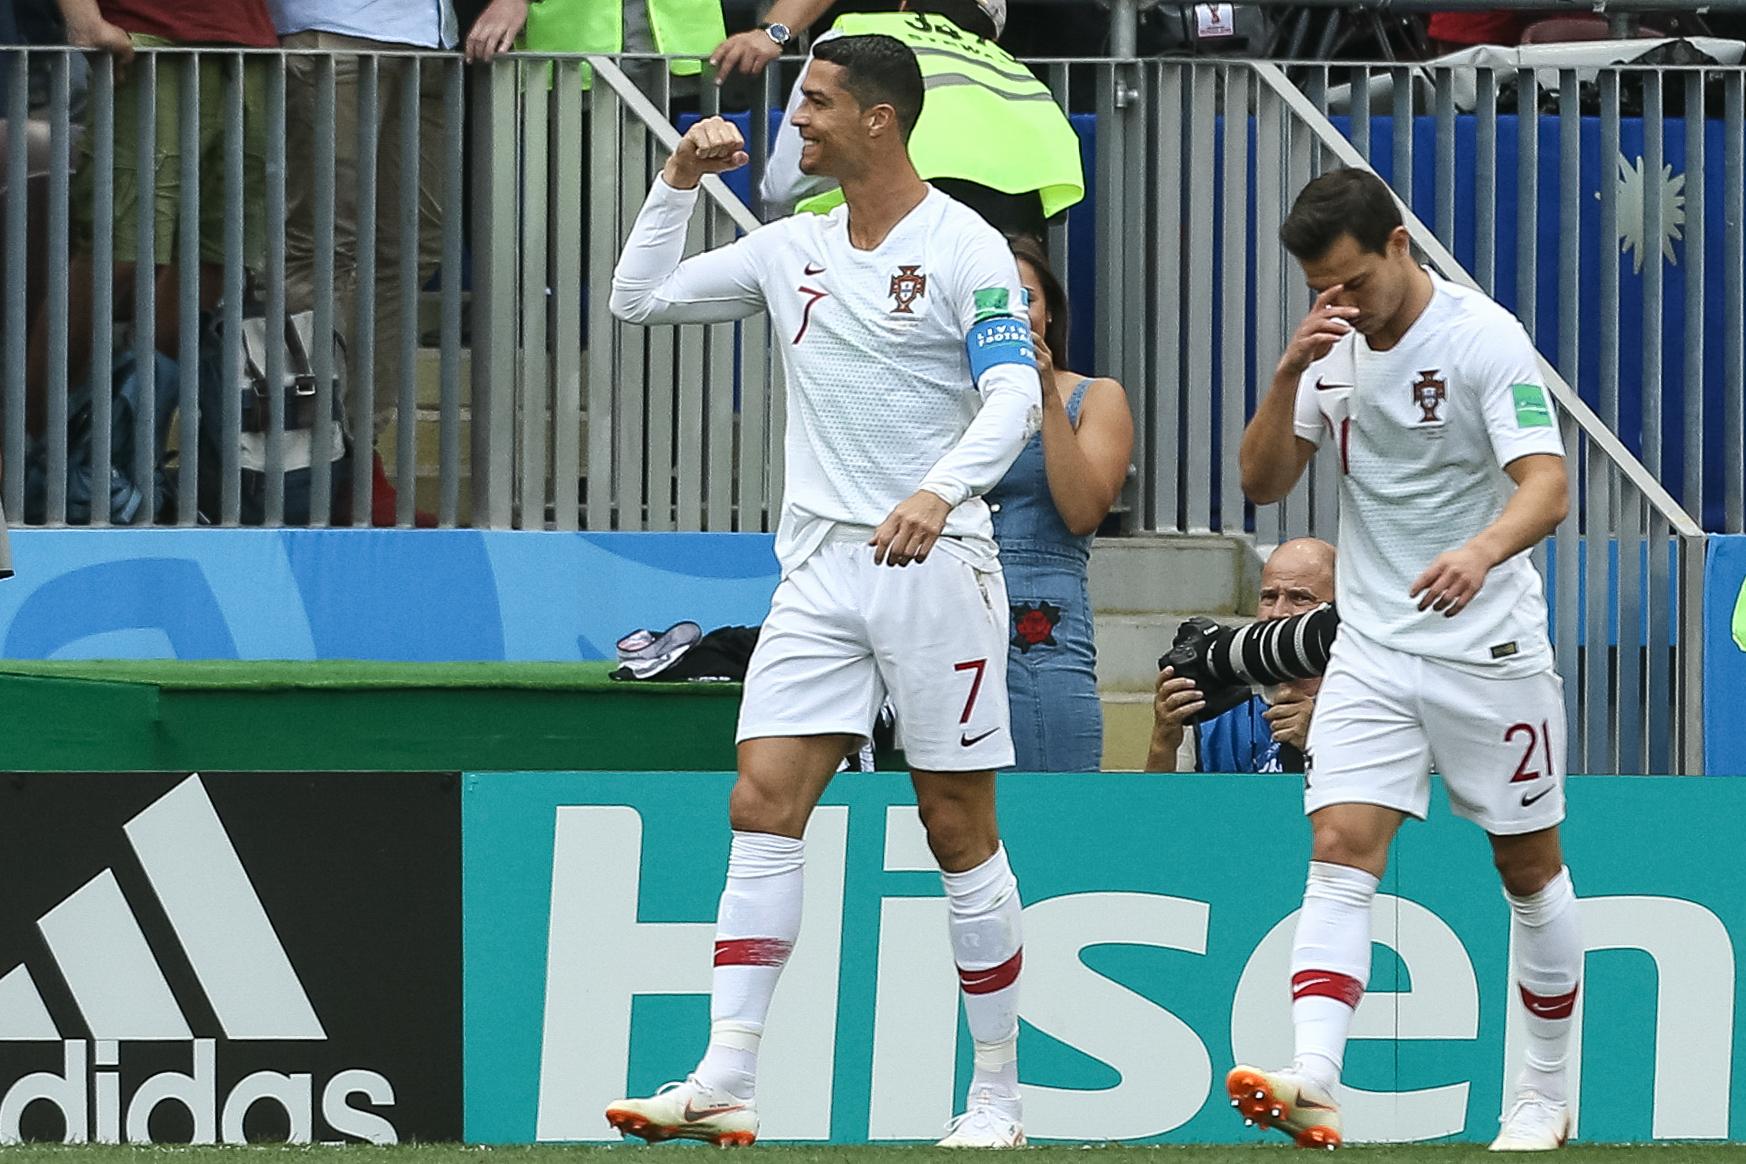 Portugal-Marrocos: Imprensa internacional fala de São Ronaldo e nova exibição sofrida